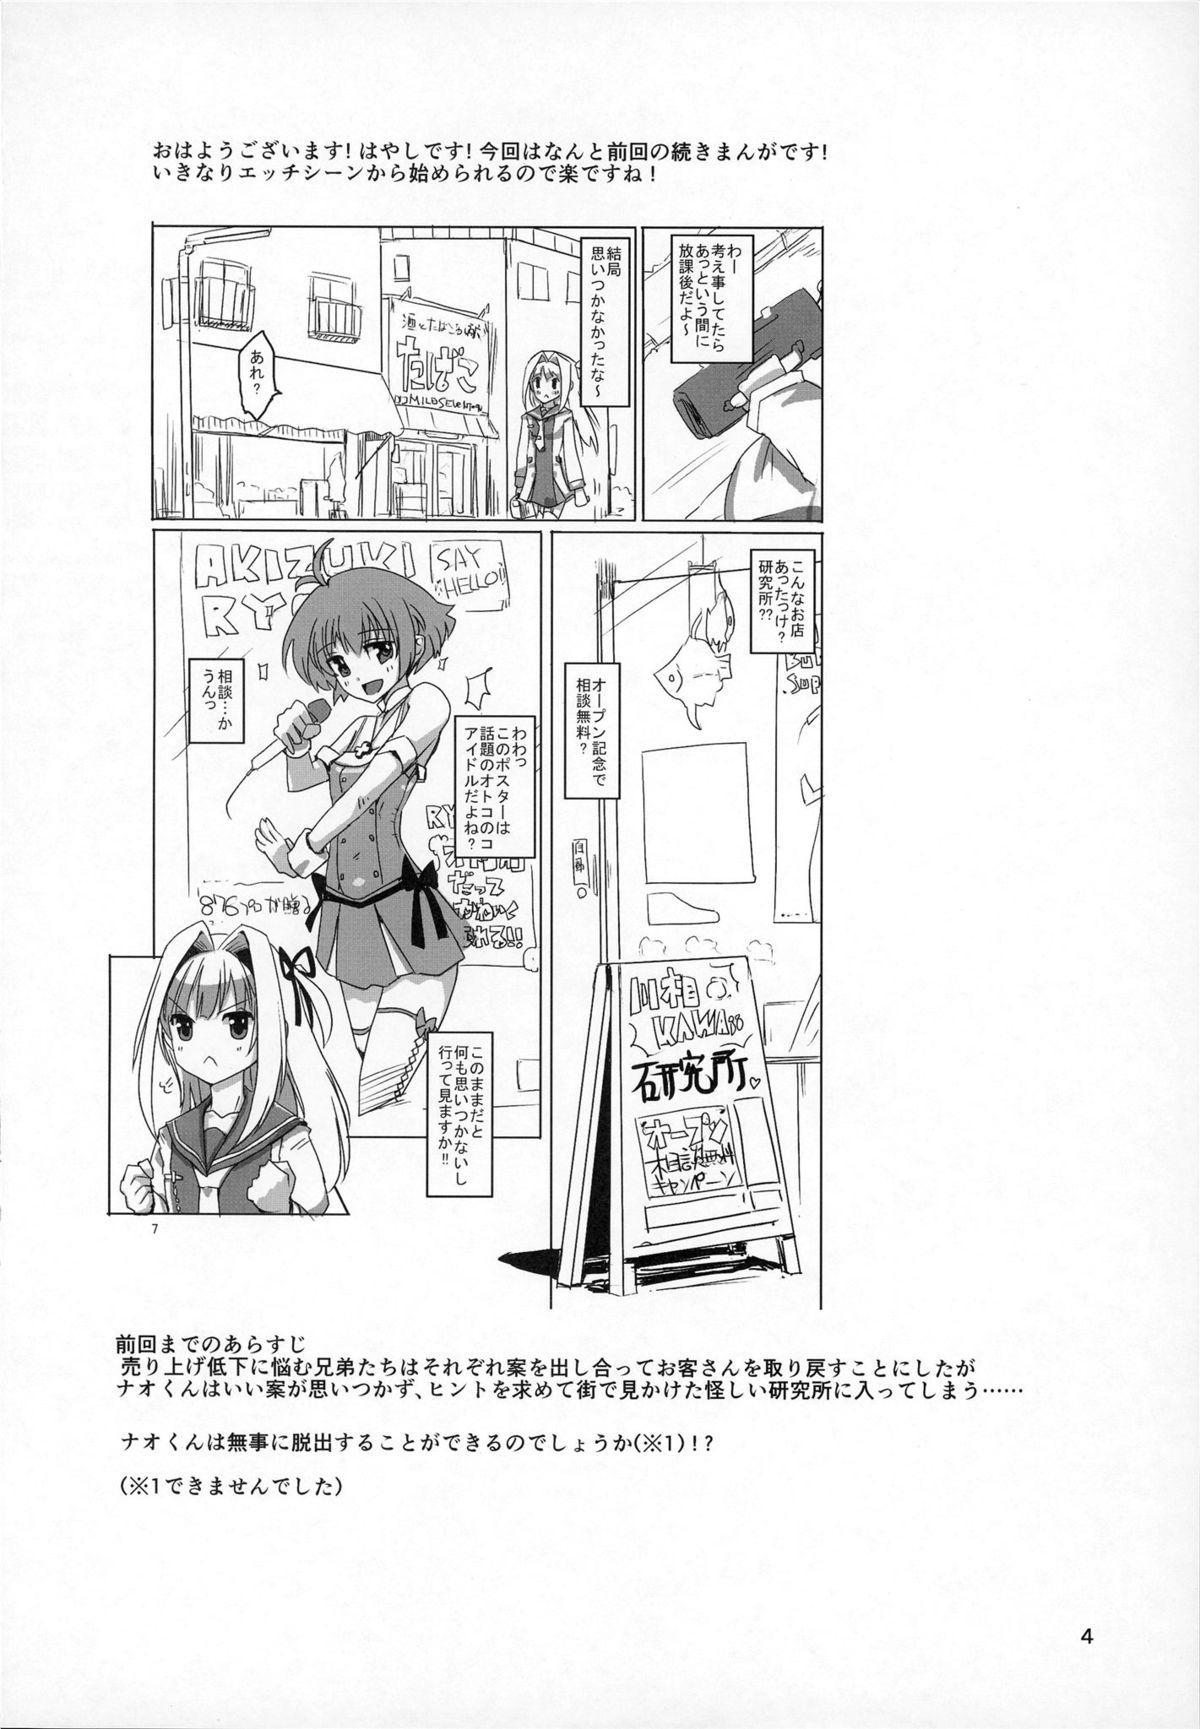 Sakurairo Shounen Sabou 9 3